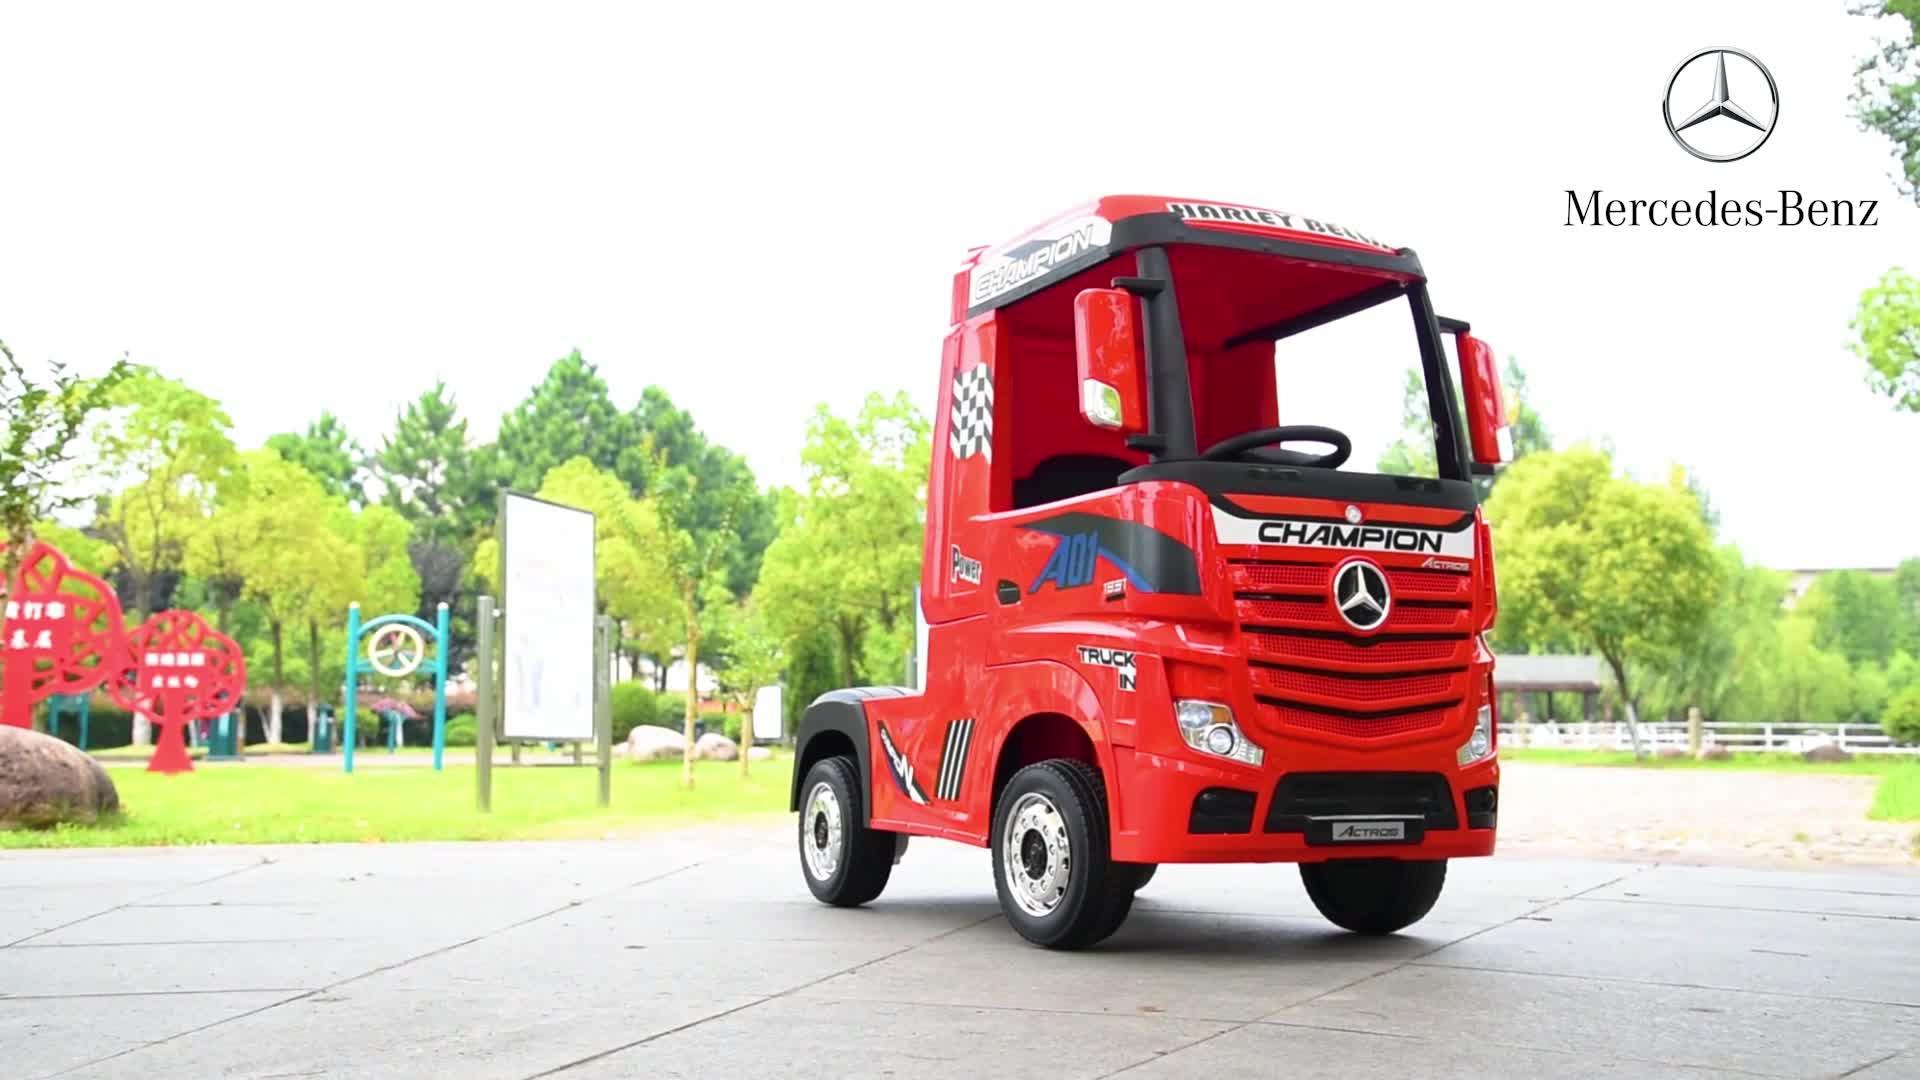 2020 licenciado mercedes benz caminhão bateria crianças carro operado a bateria carro em carros carro elétrico infantil